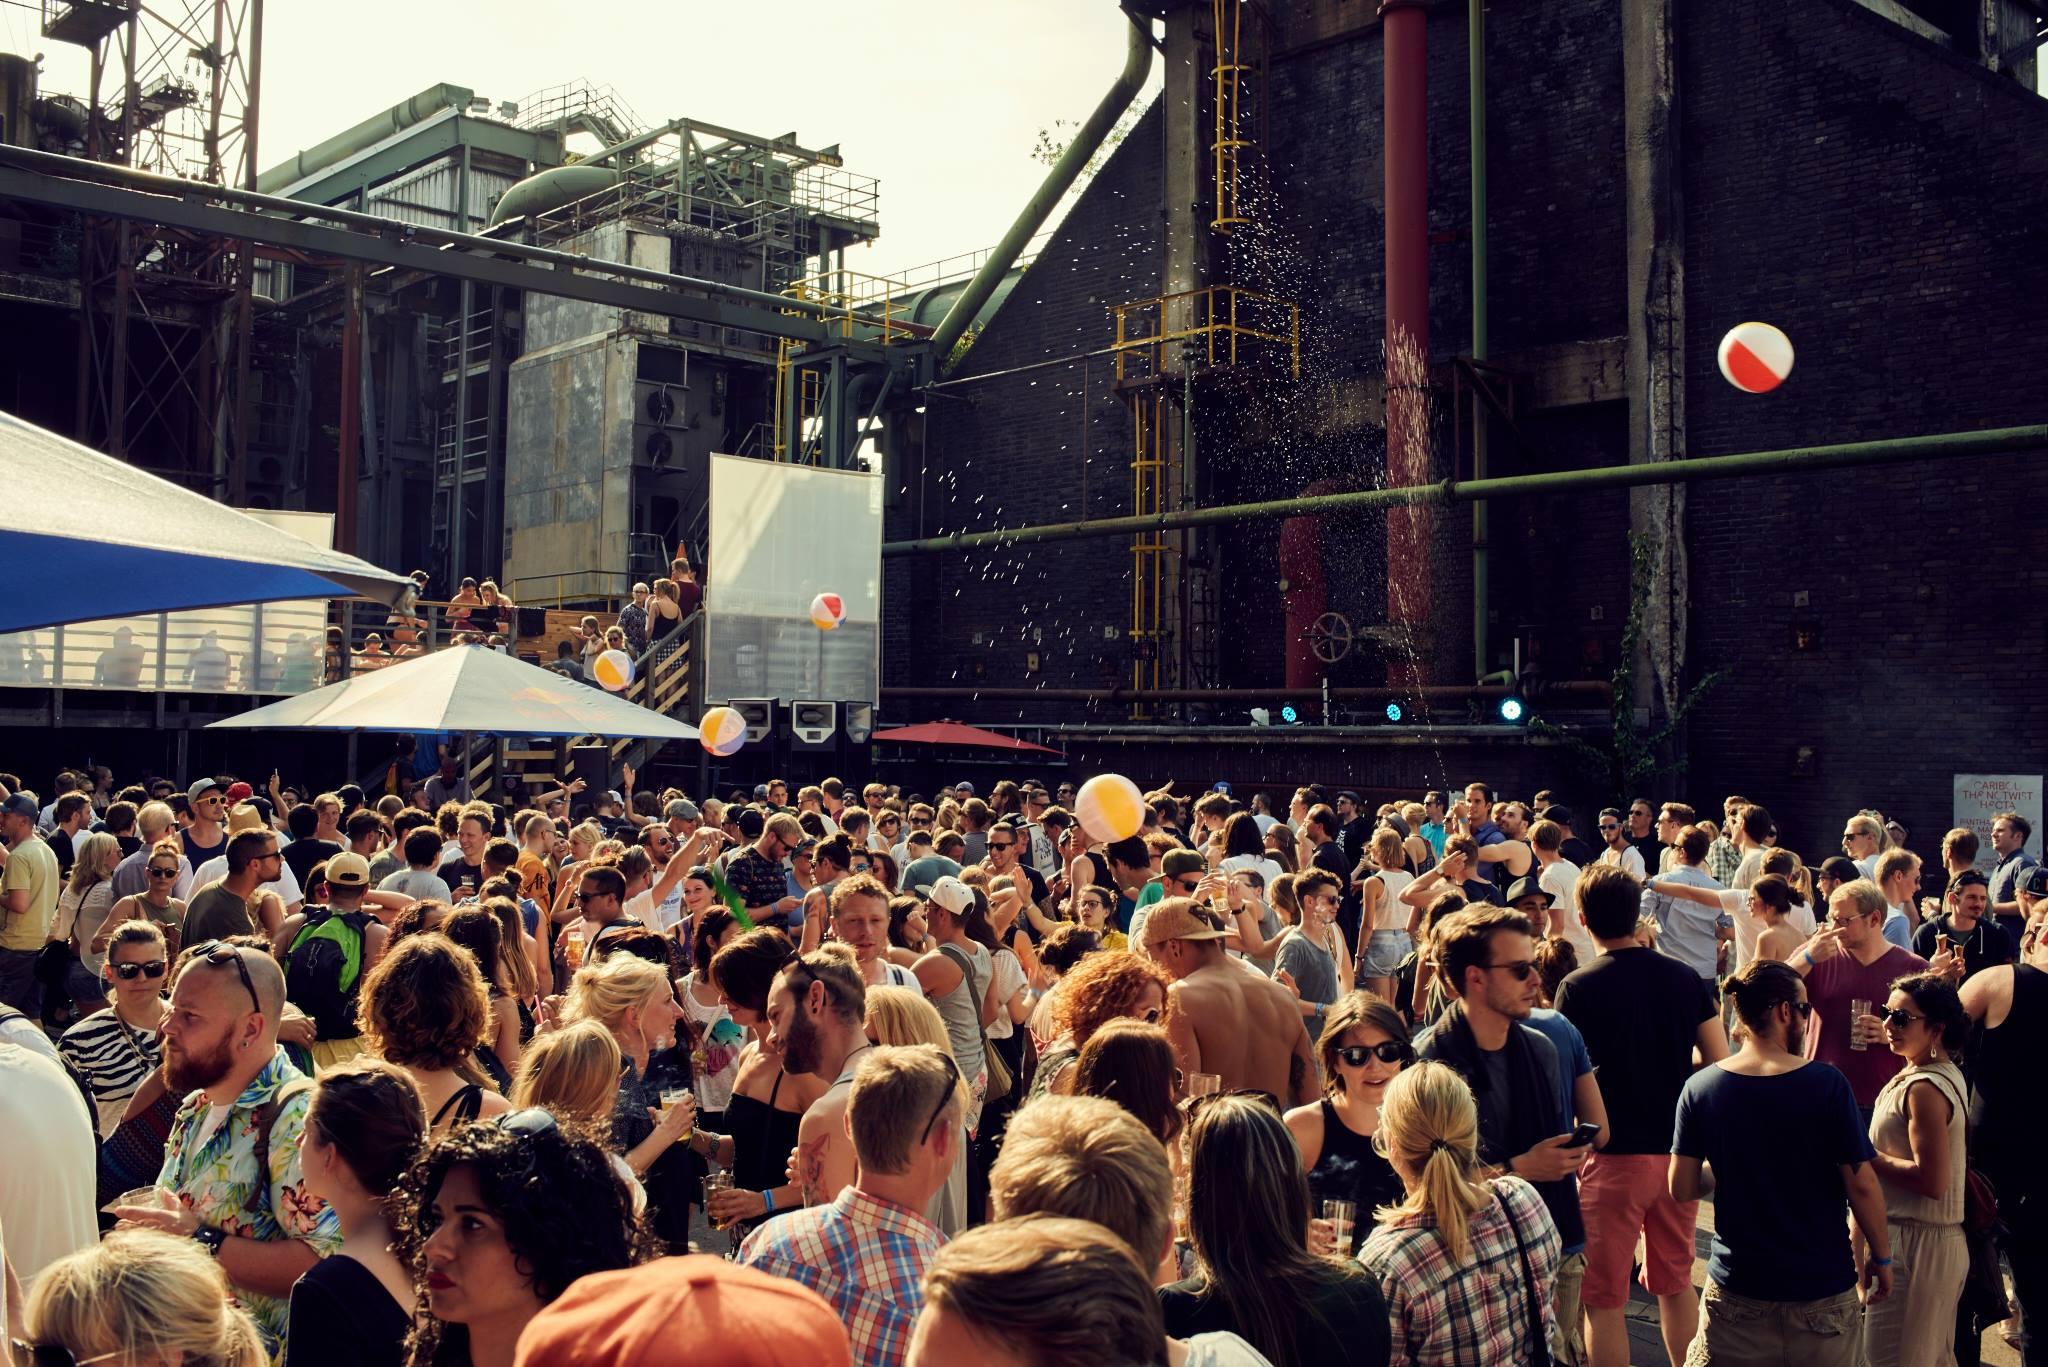 Crowd Zeche Zollverein by Henri Vogt